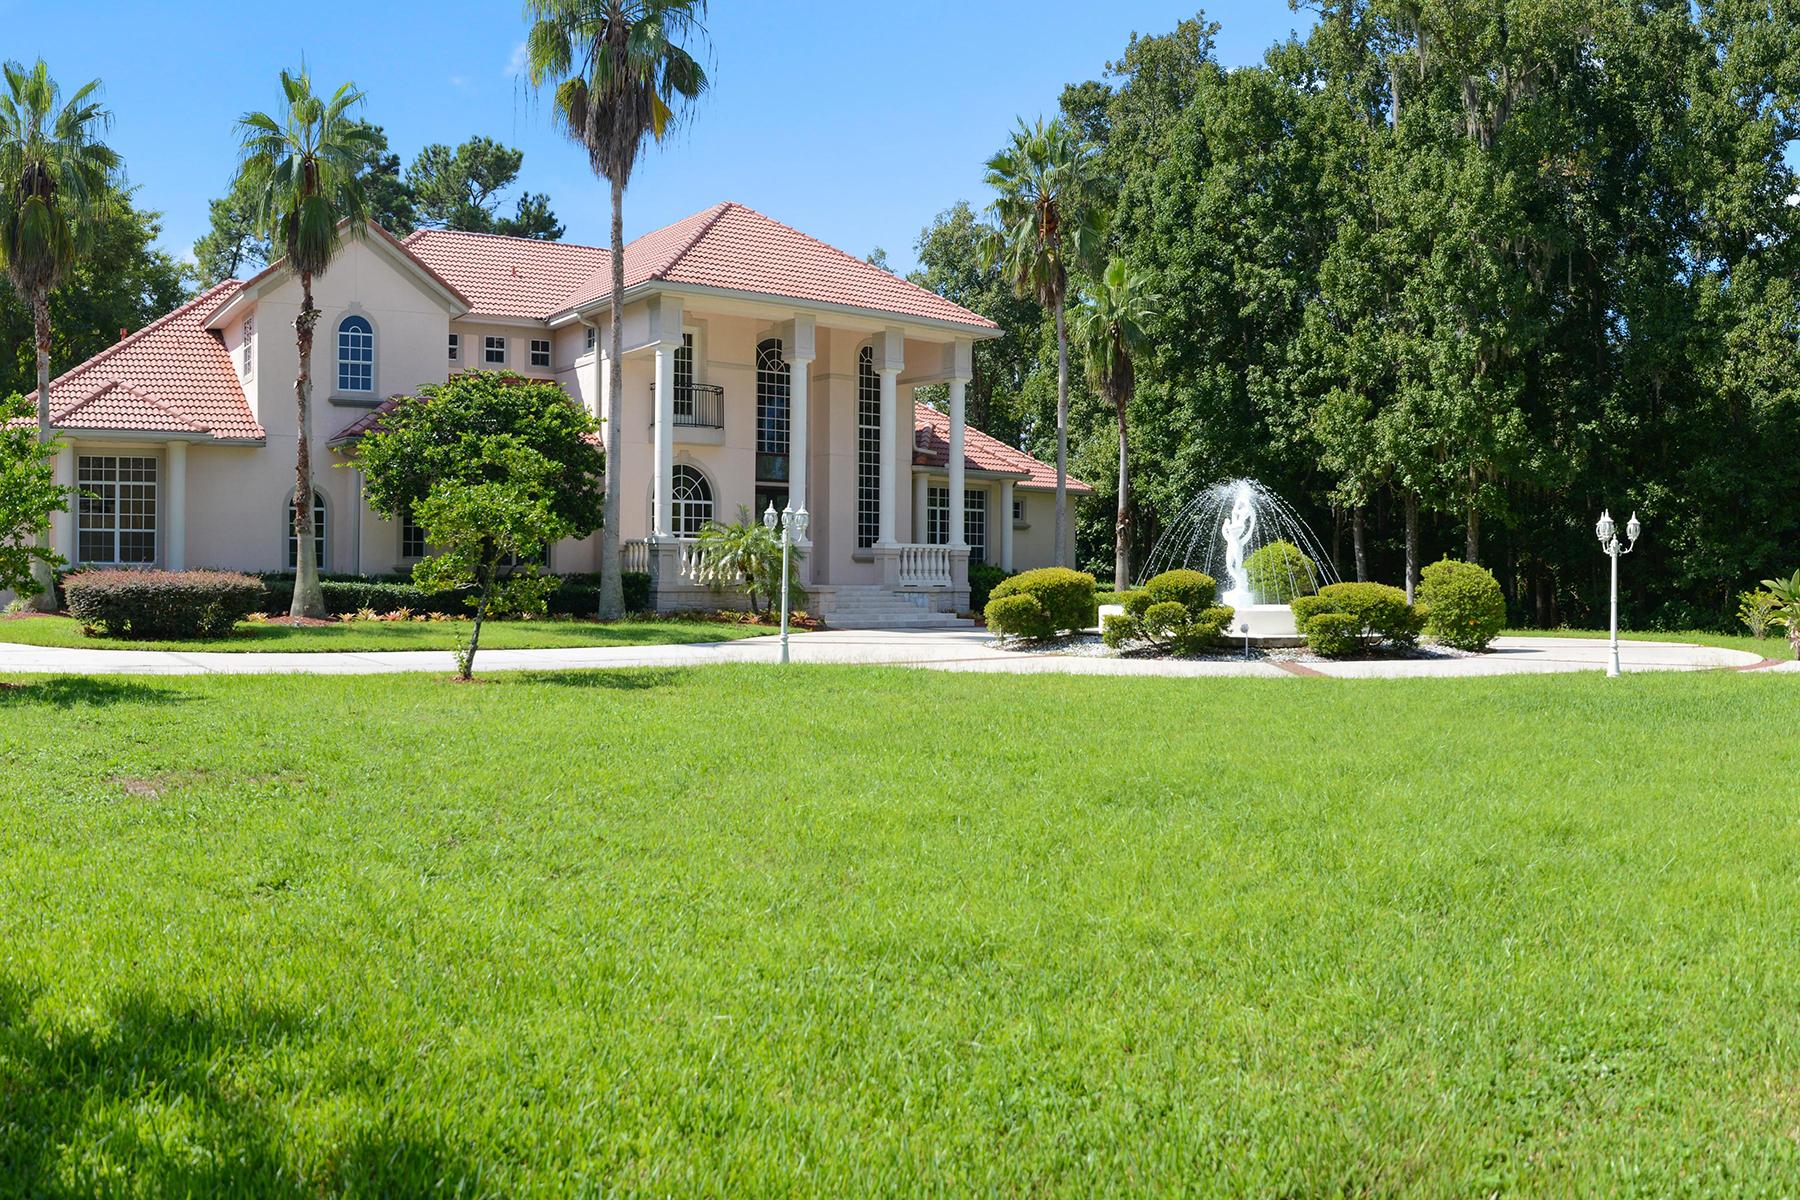 Casa para uma família para Venda às OVIEDO 355 W Chapman Rd Oviedo, Florida, 32765 Estados Unidos